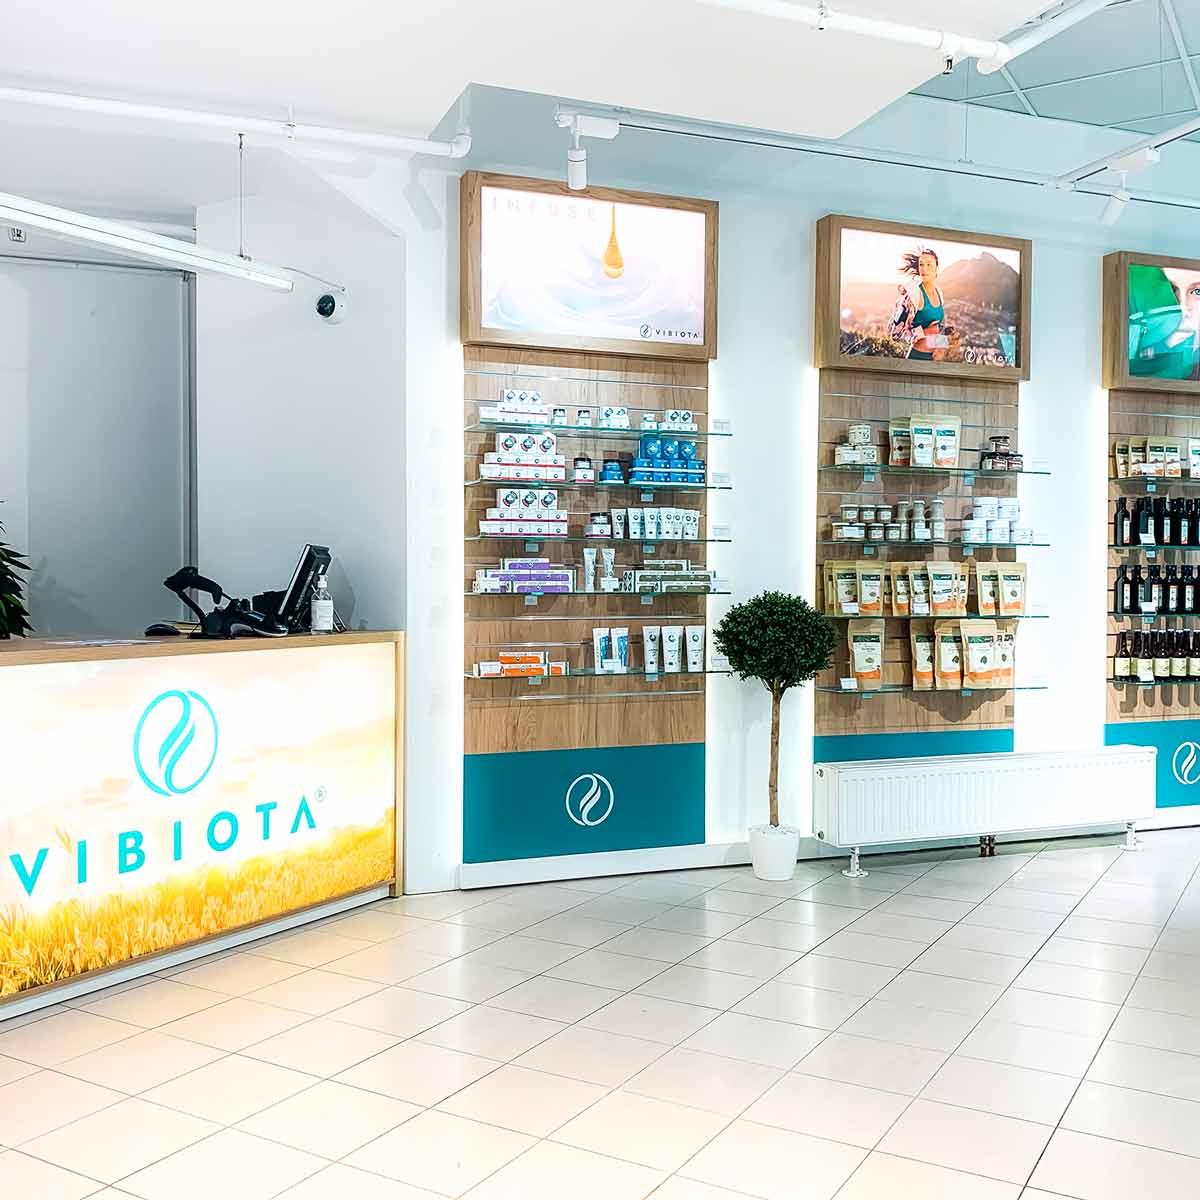 Foto 4 unserer Vibiota CBD Store Shop Filiale im Millennium City, 1200 Wien